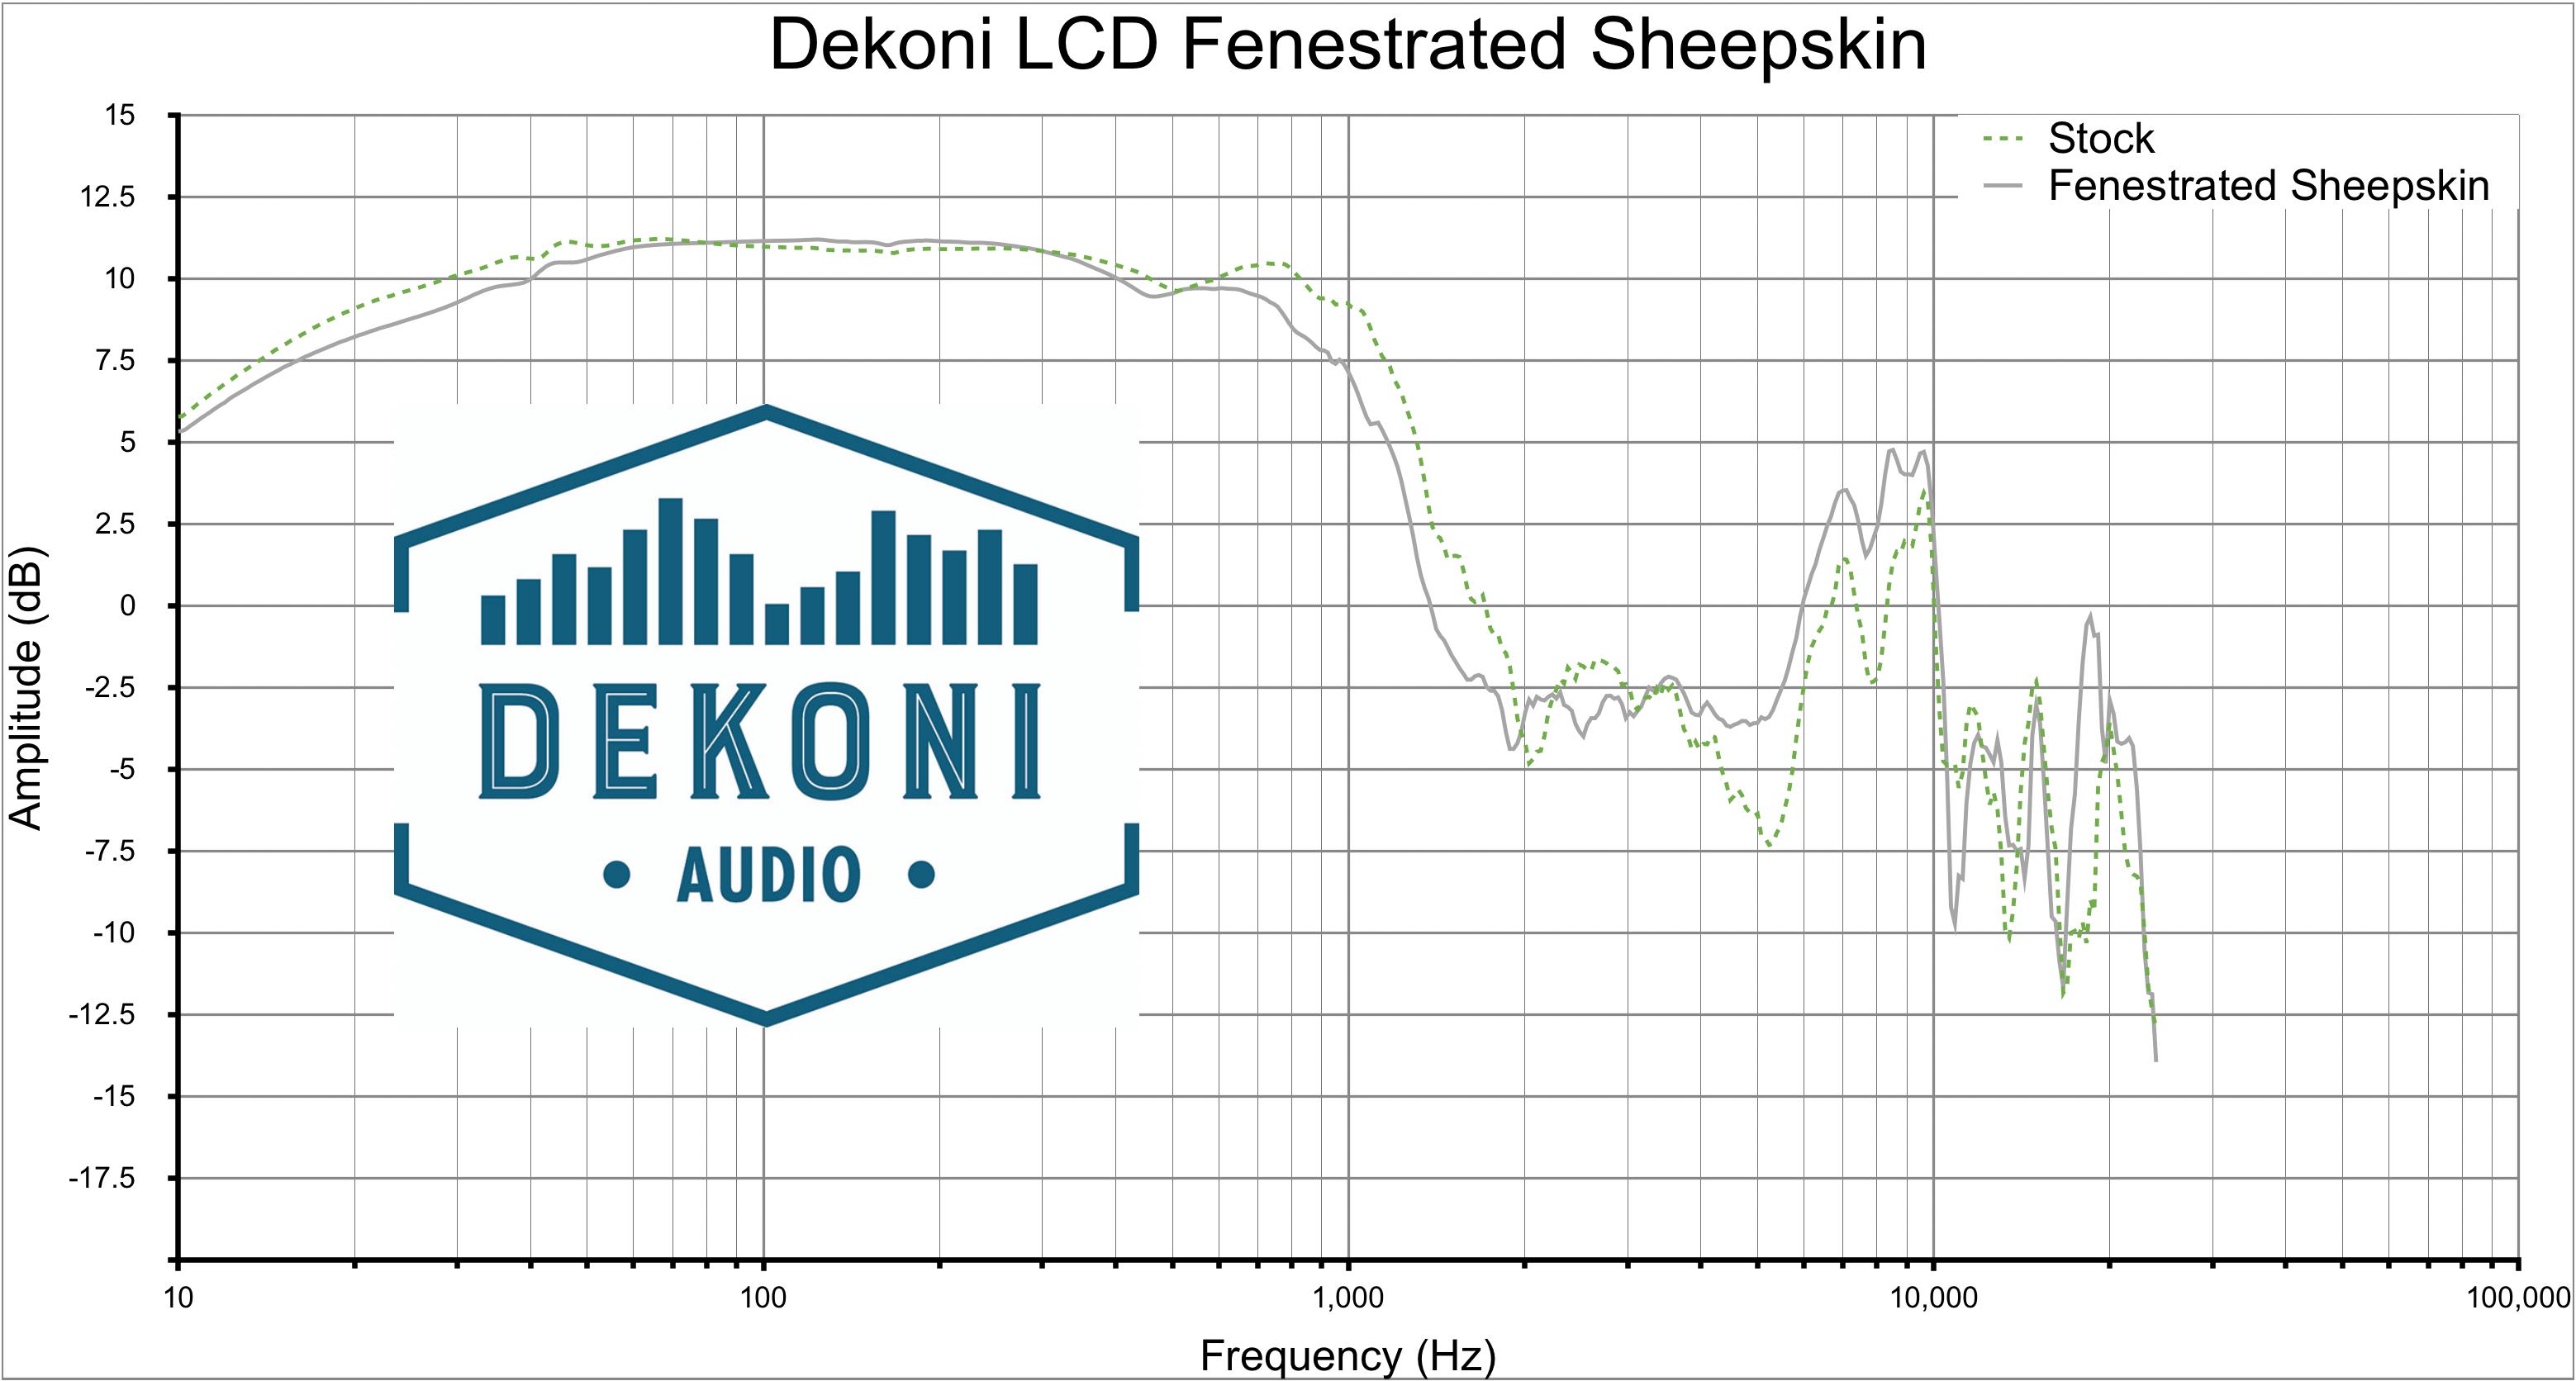 LCD FNSK